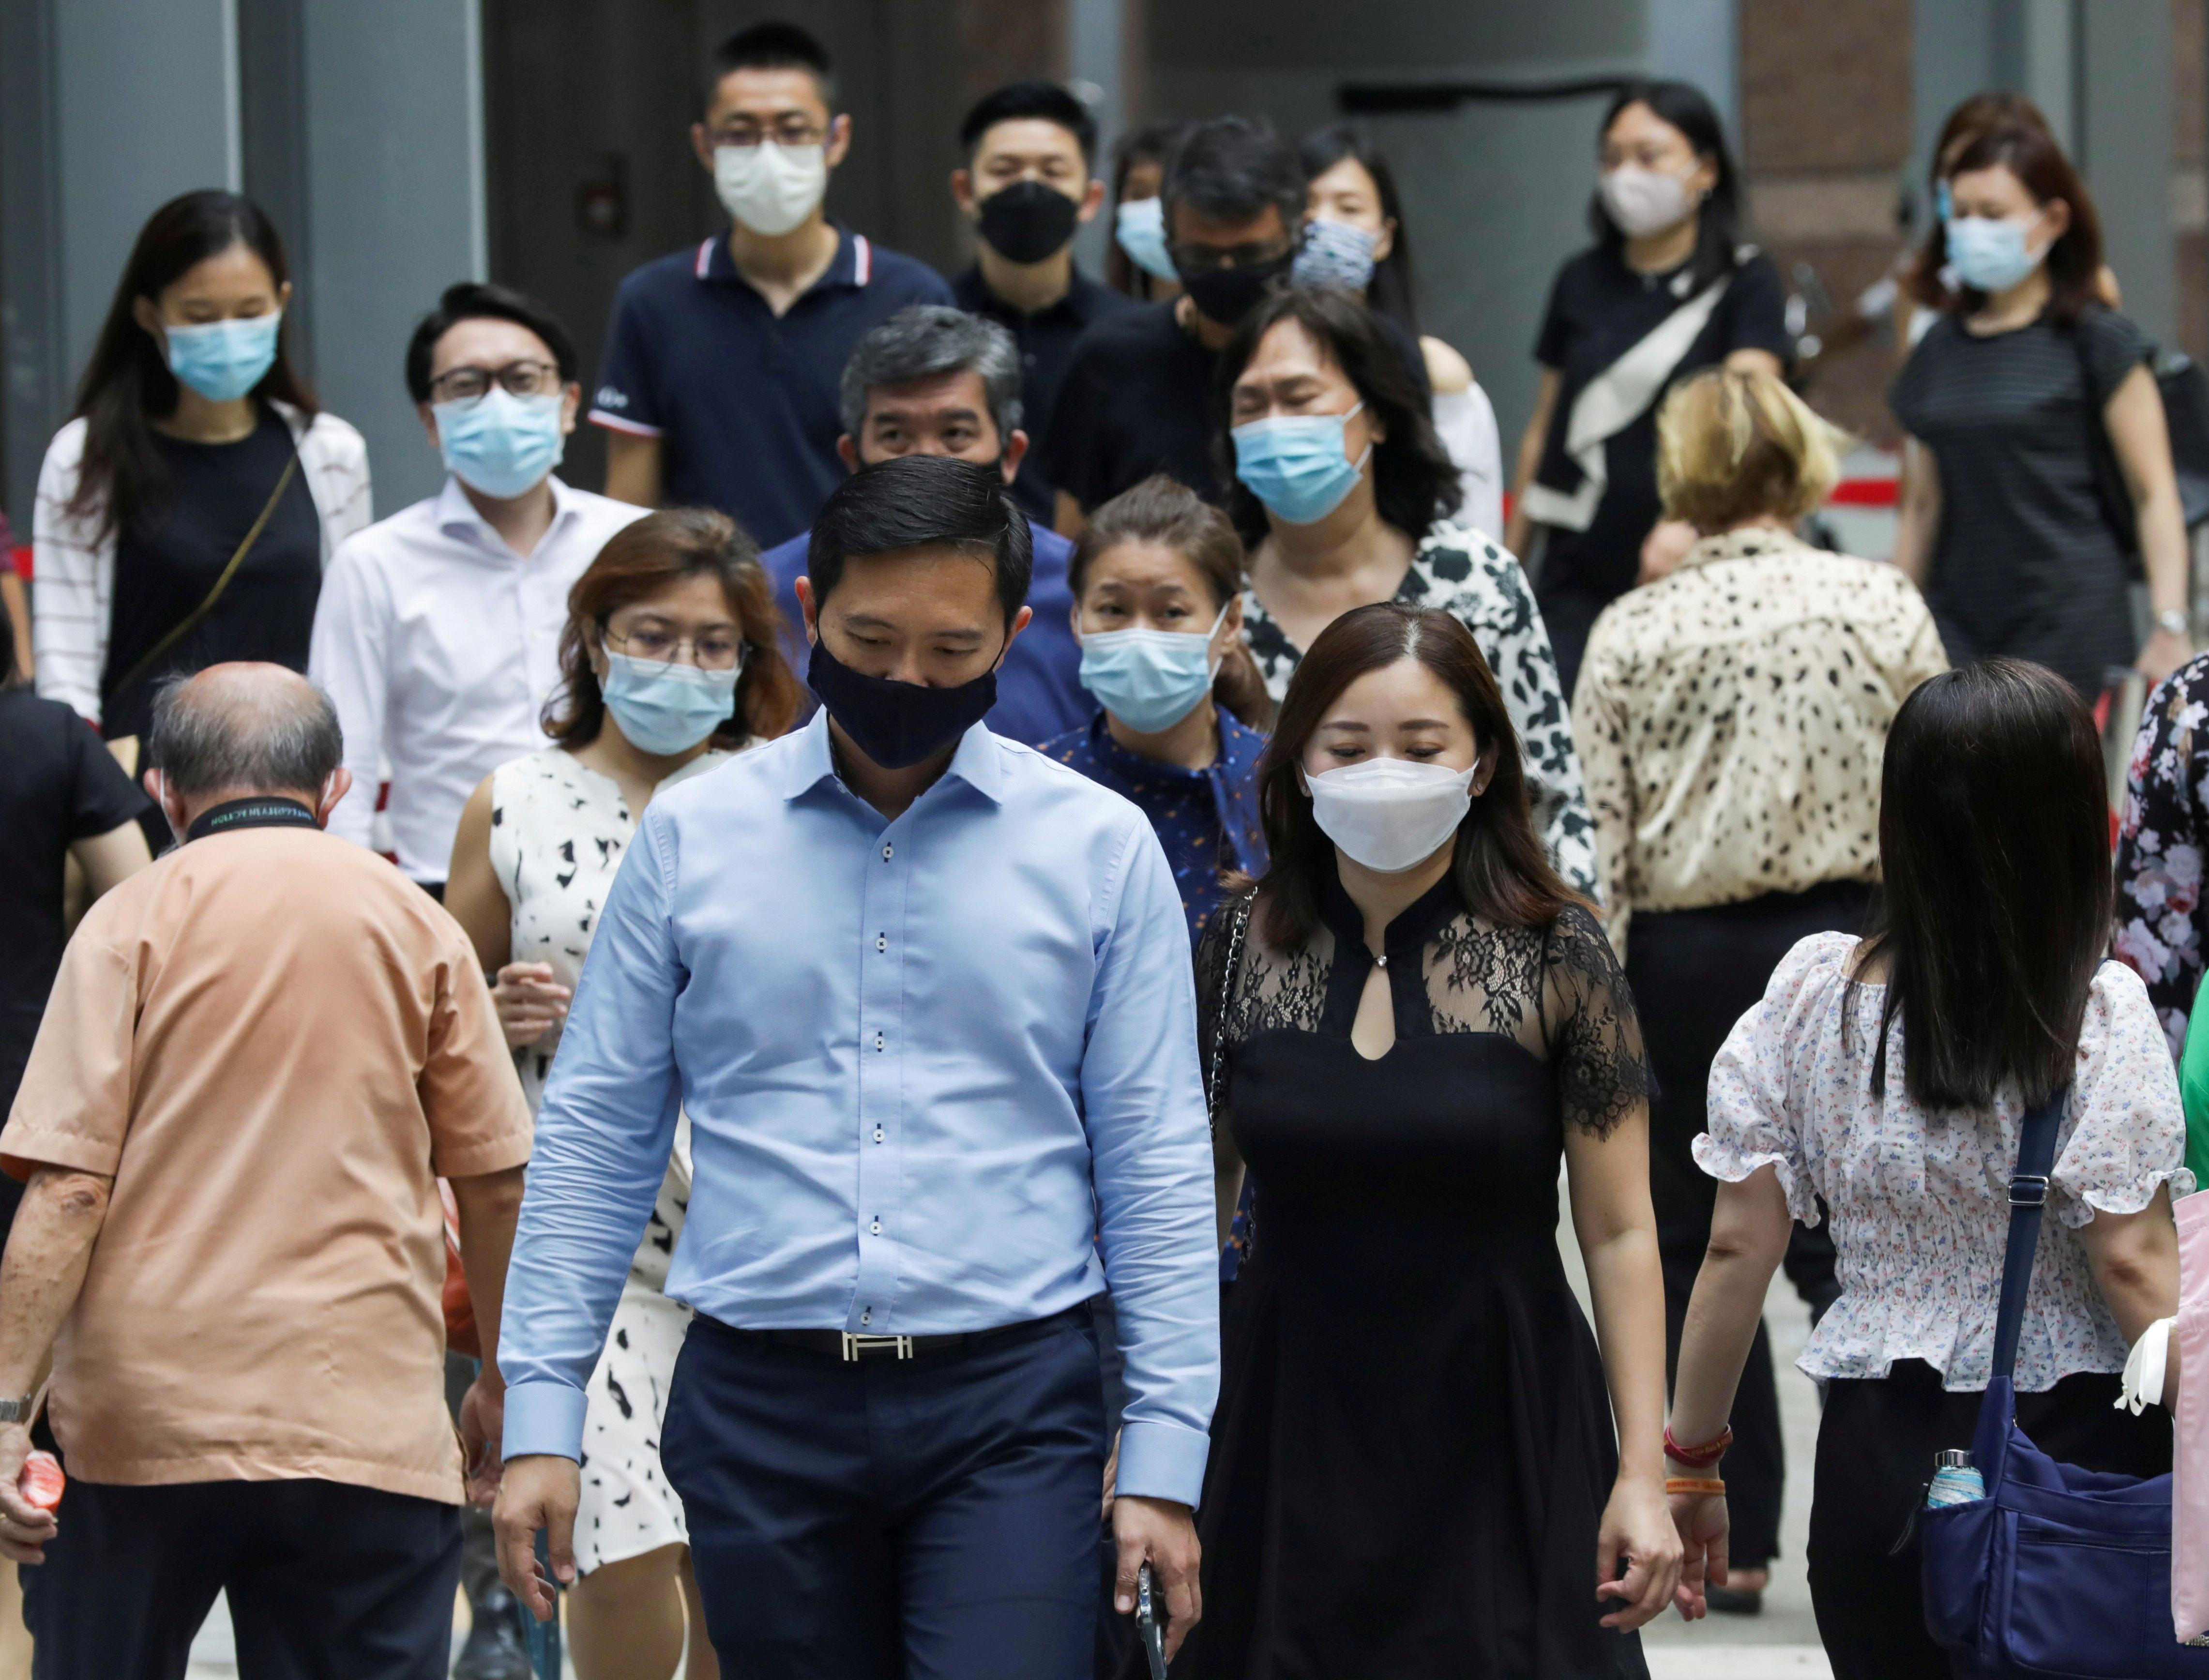 El uso de los barbijos era frecuente en Asia antes de la pandemia del coronavirus. Los utilizaban por cuestiones de cortesía ante el encuentro con otras personas o porque habían tenido otras epidemias de infecciones respiratorias (Reuters/Dawn Chua)